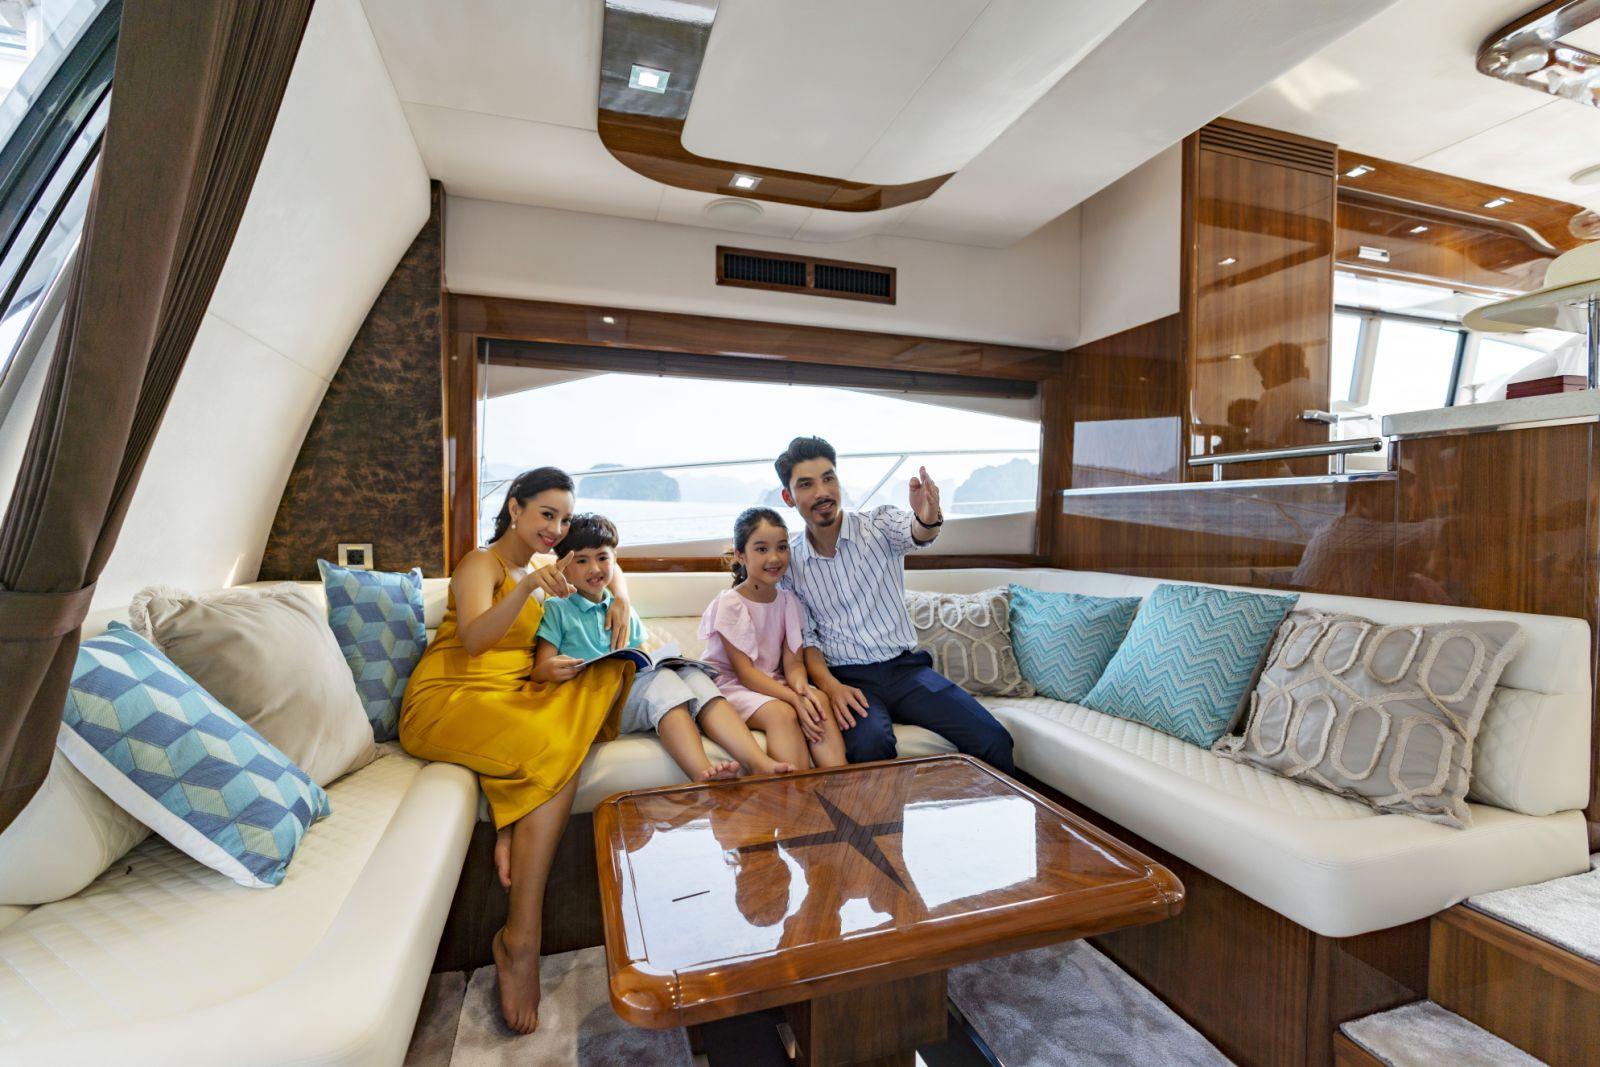 FLC Albatross – Du thuyền triệu đô lướt sóng tại FLC Quy Nhơn - Ảnh 3